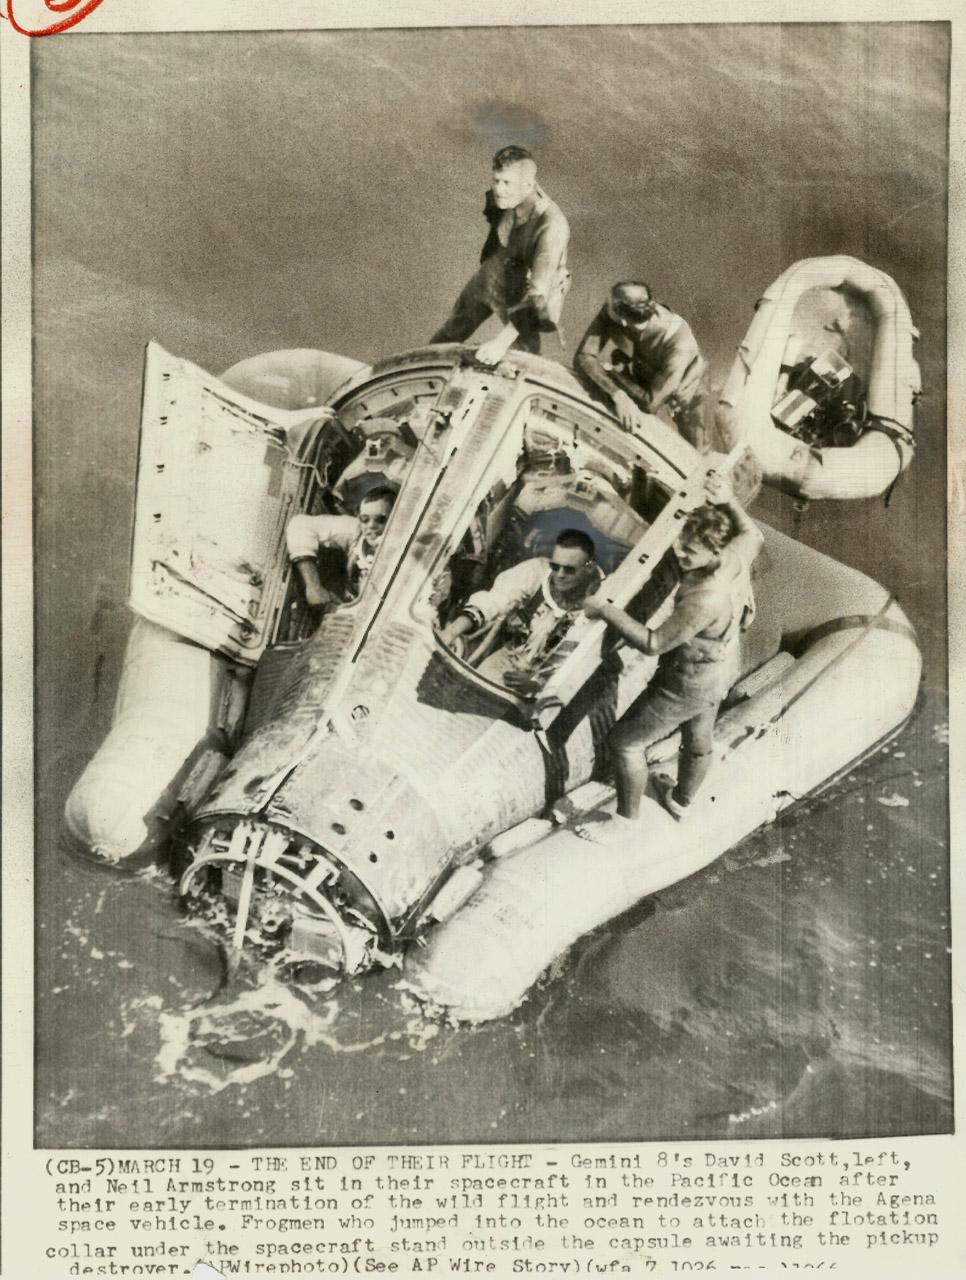 Signed Covers: USA 1966 Gemini 8